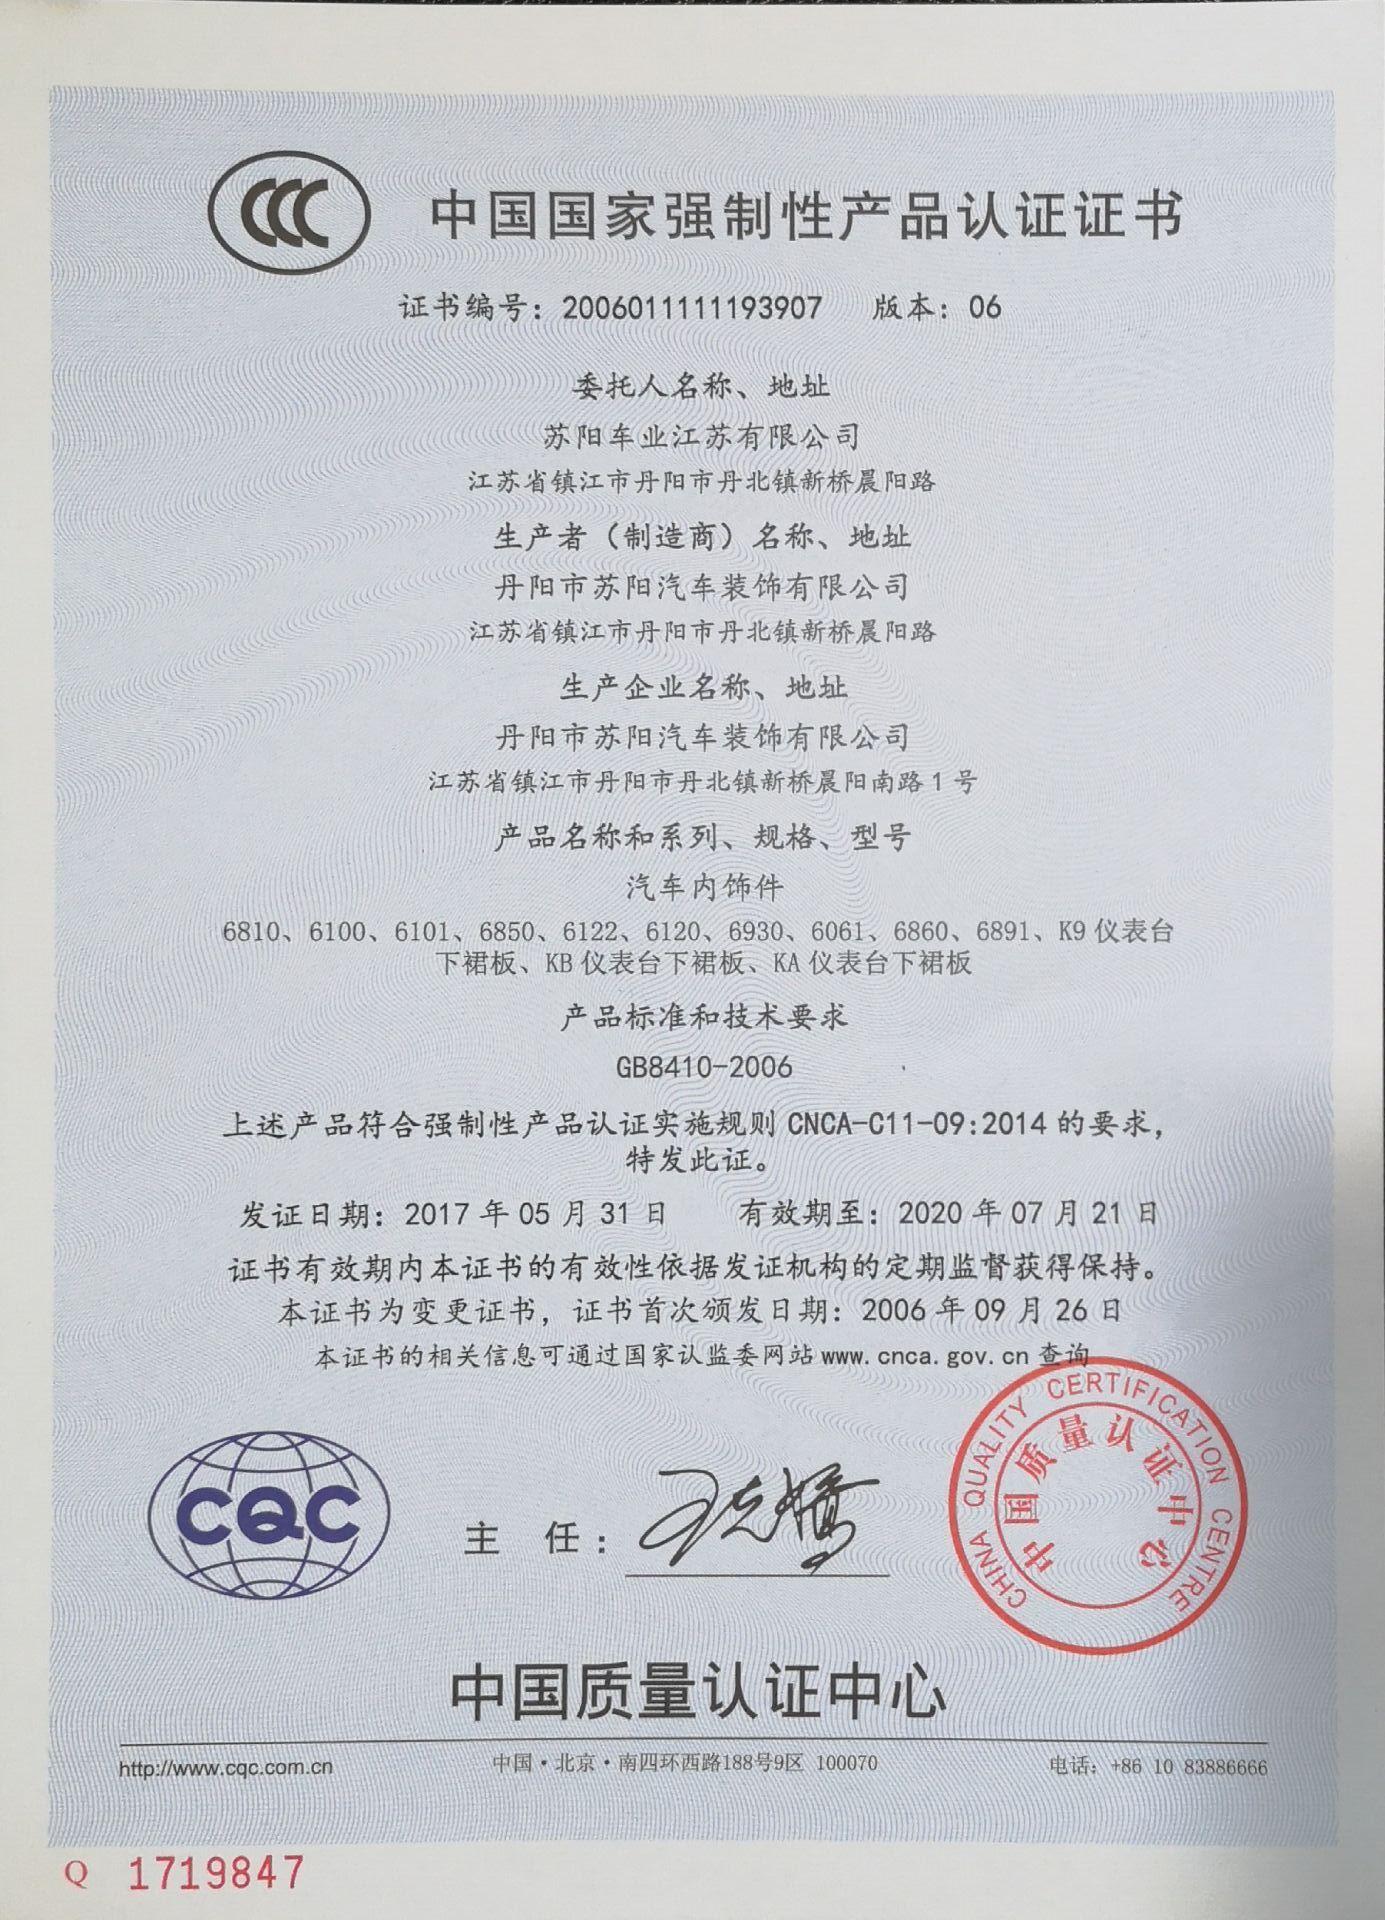 吸塑内饰认证证书